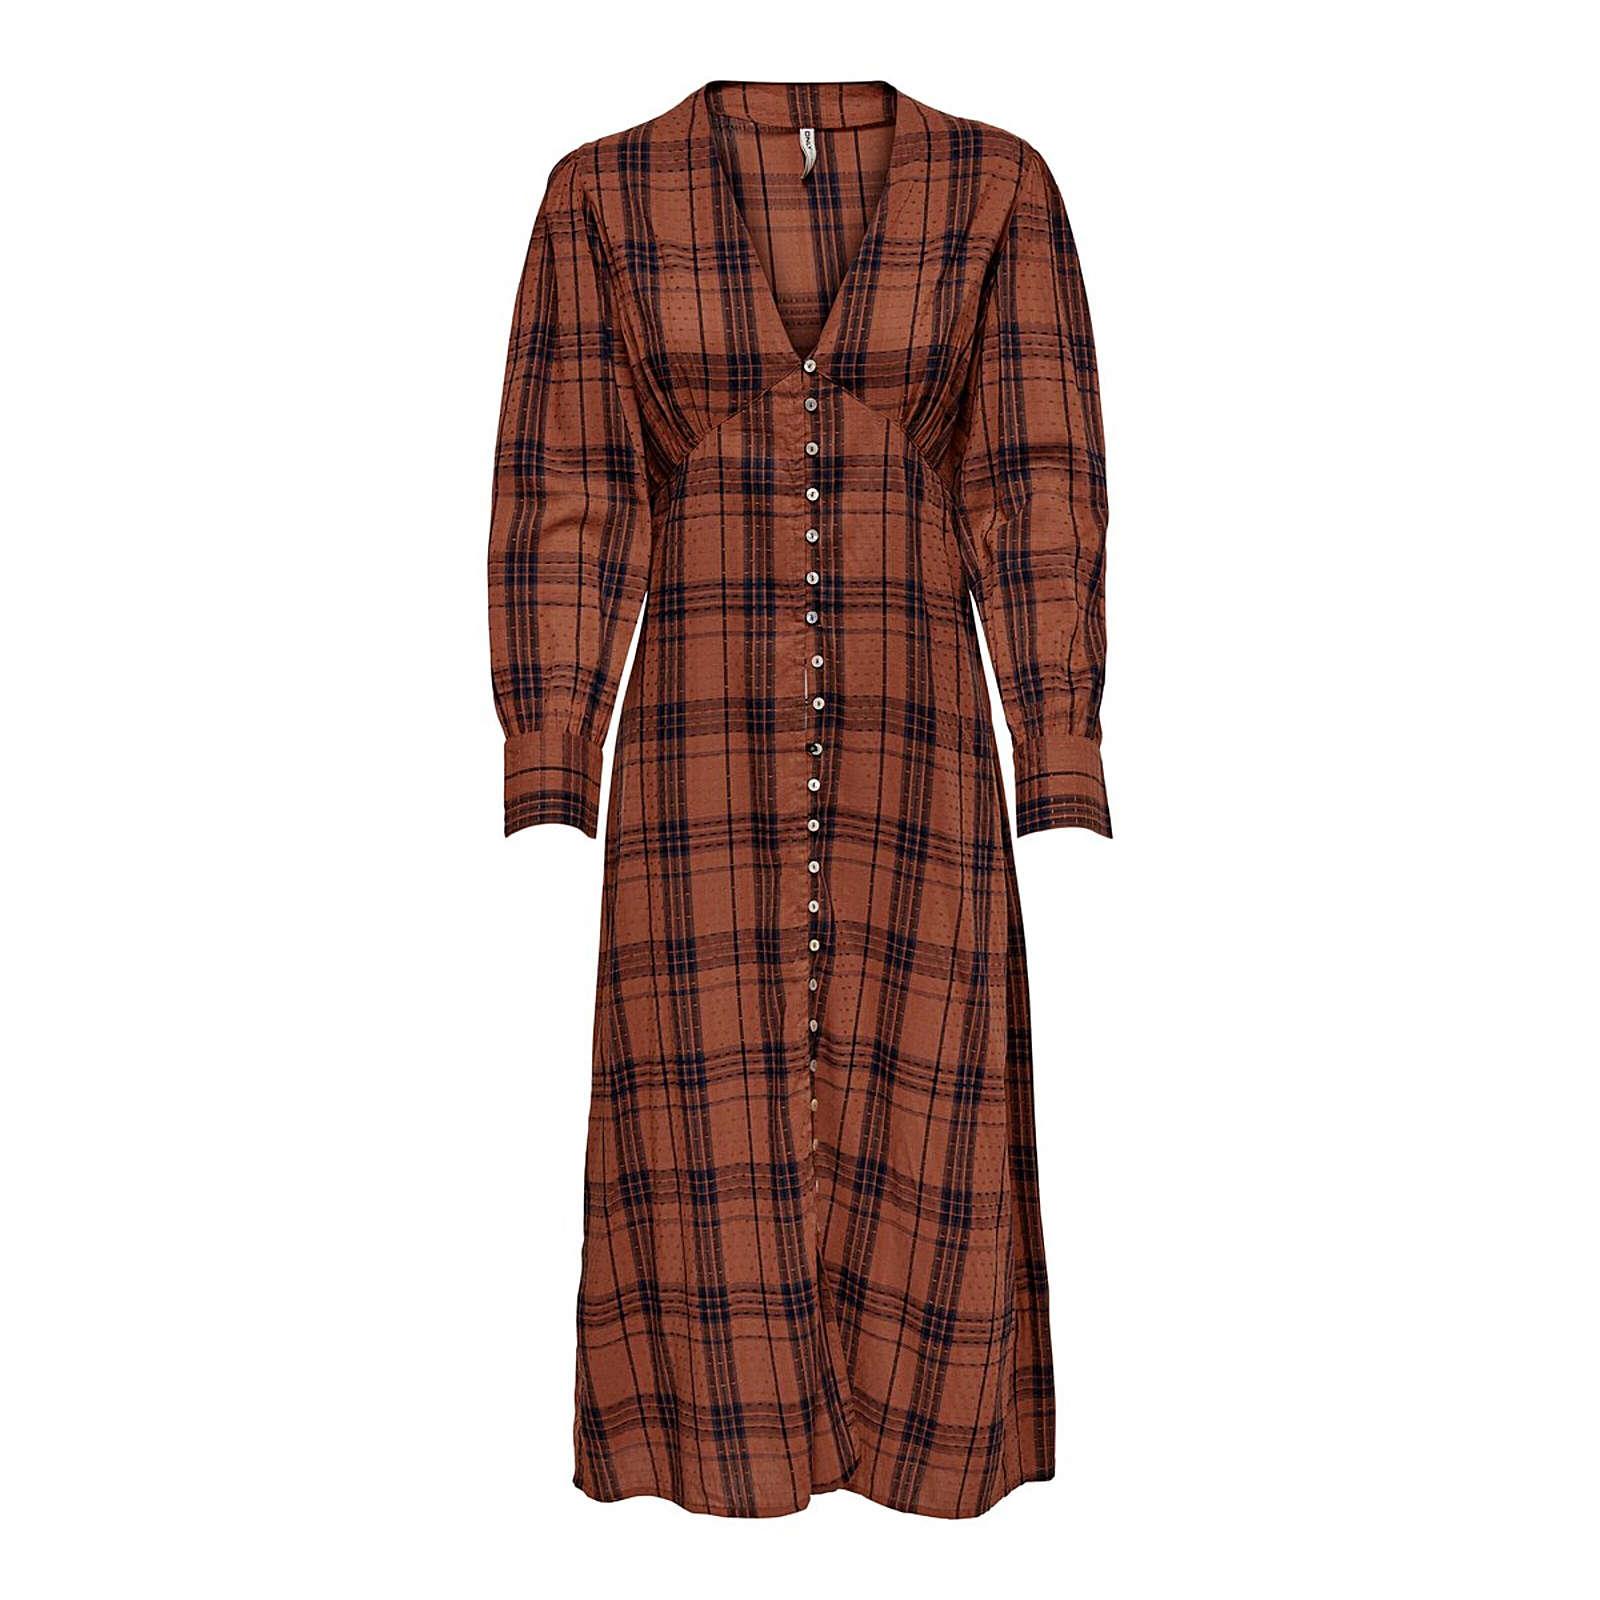 ONLY Blusenkleid Kenya Blusenkleider schwarz Damen Gr. 42